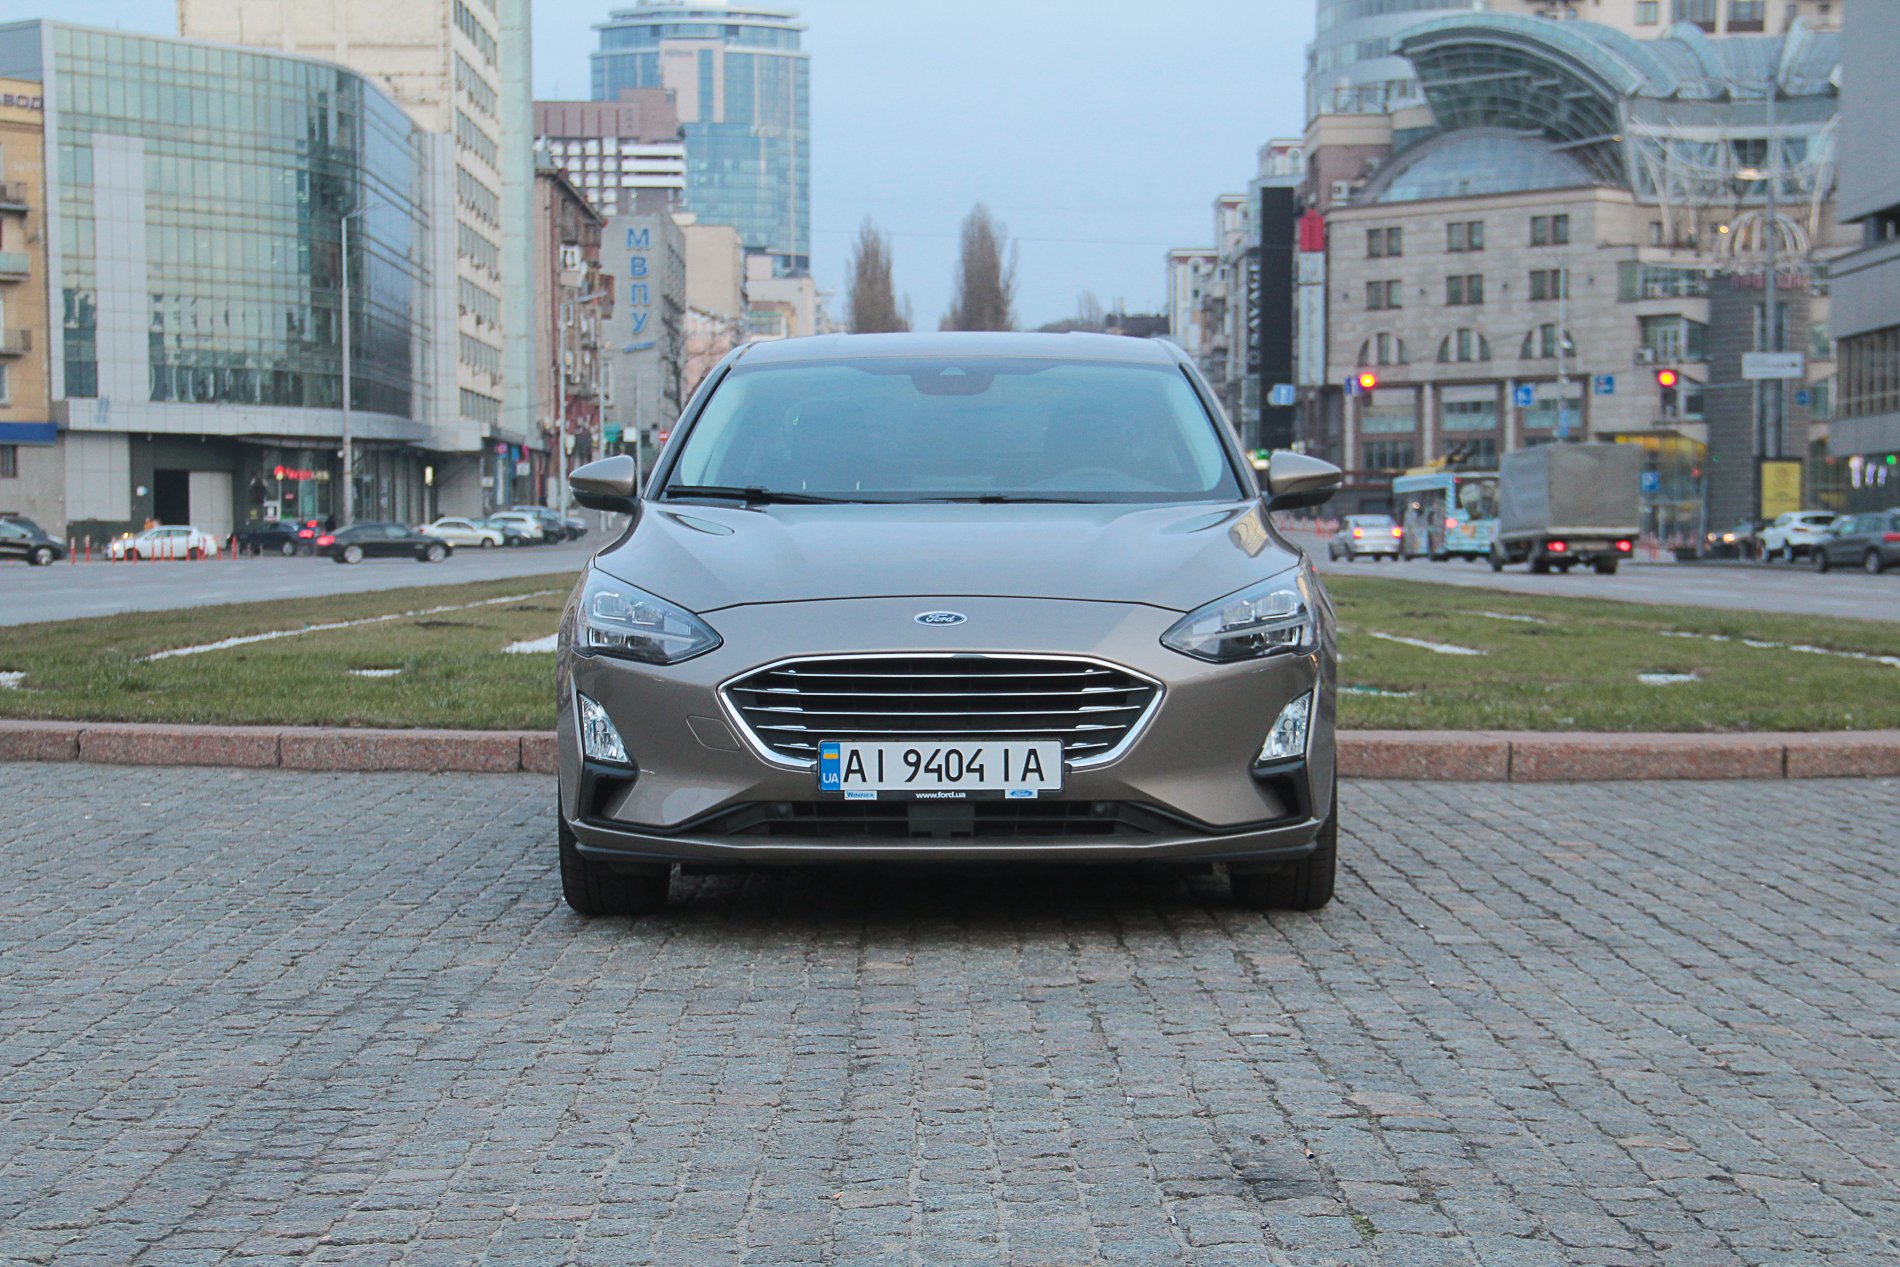 Ford Focus седан: новая платформа и литровый мотор